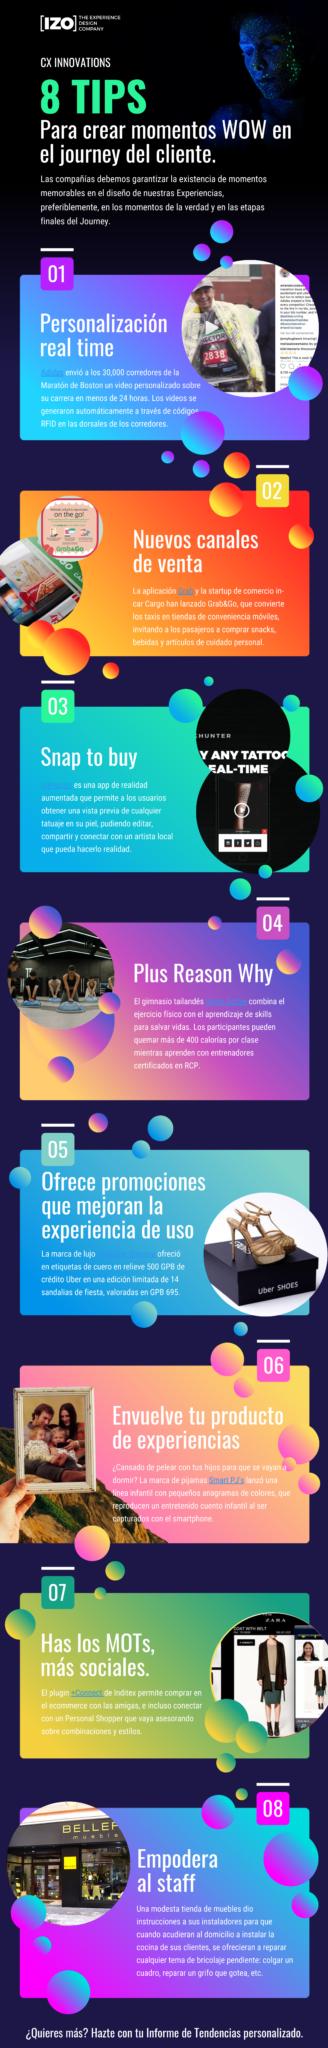 Infografía WOW